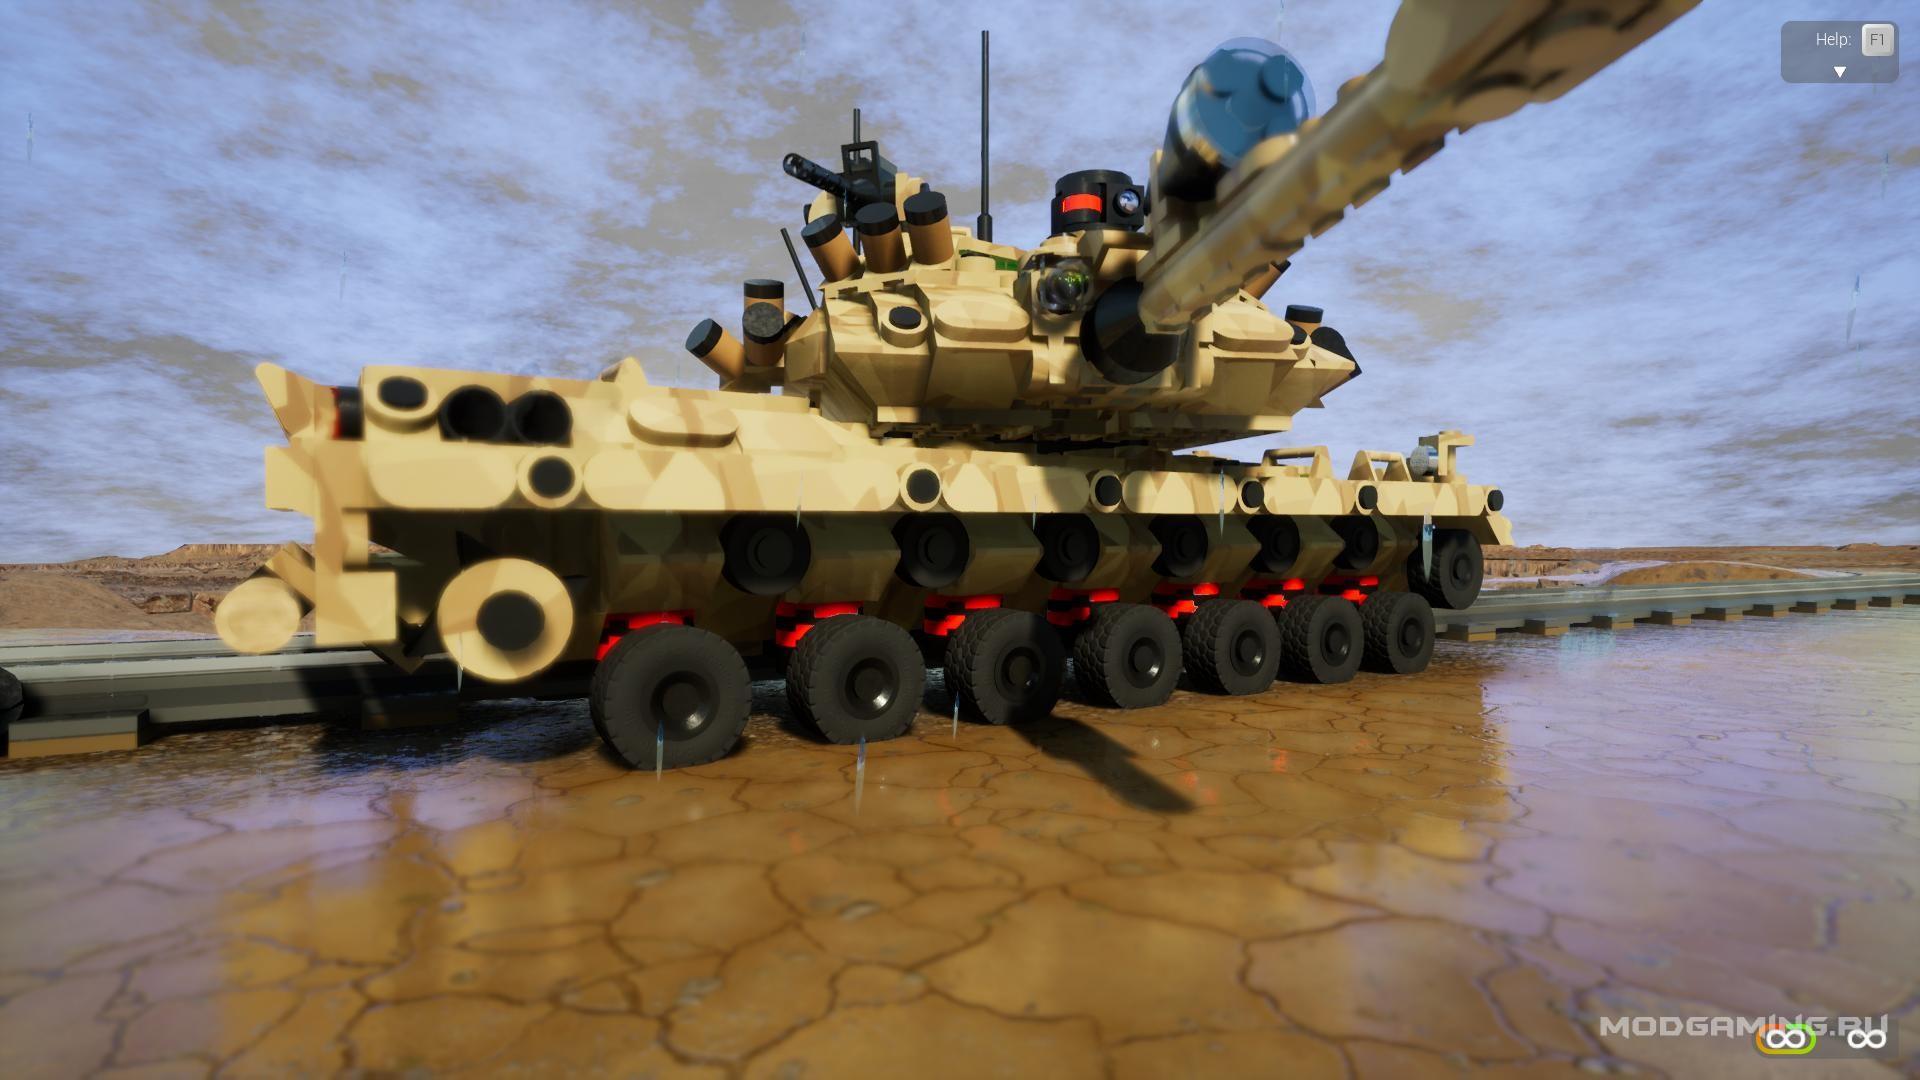 MC MBT-17-105 MAVKA